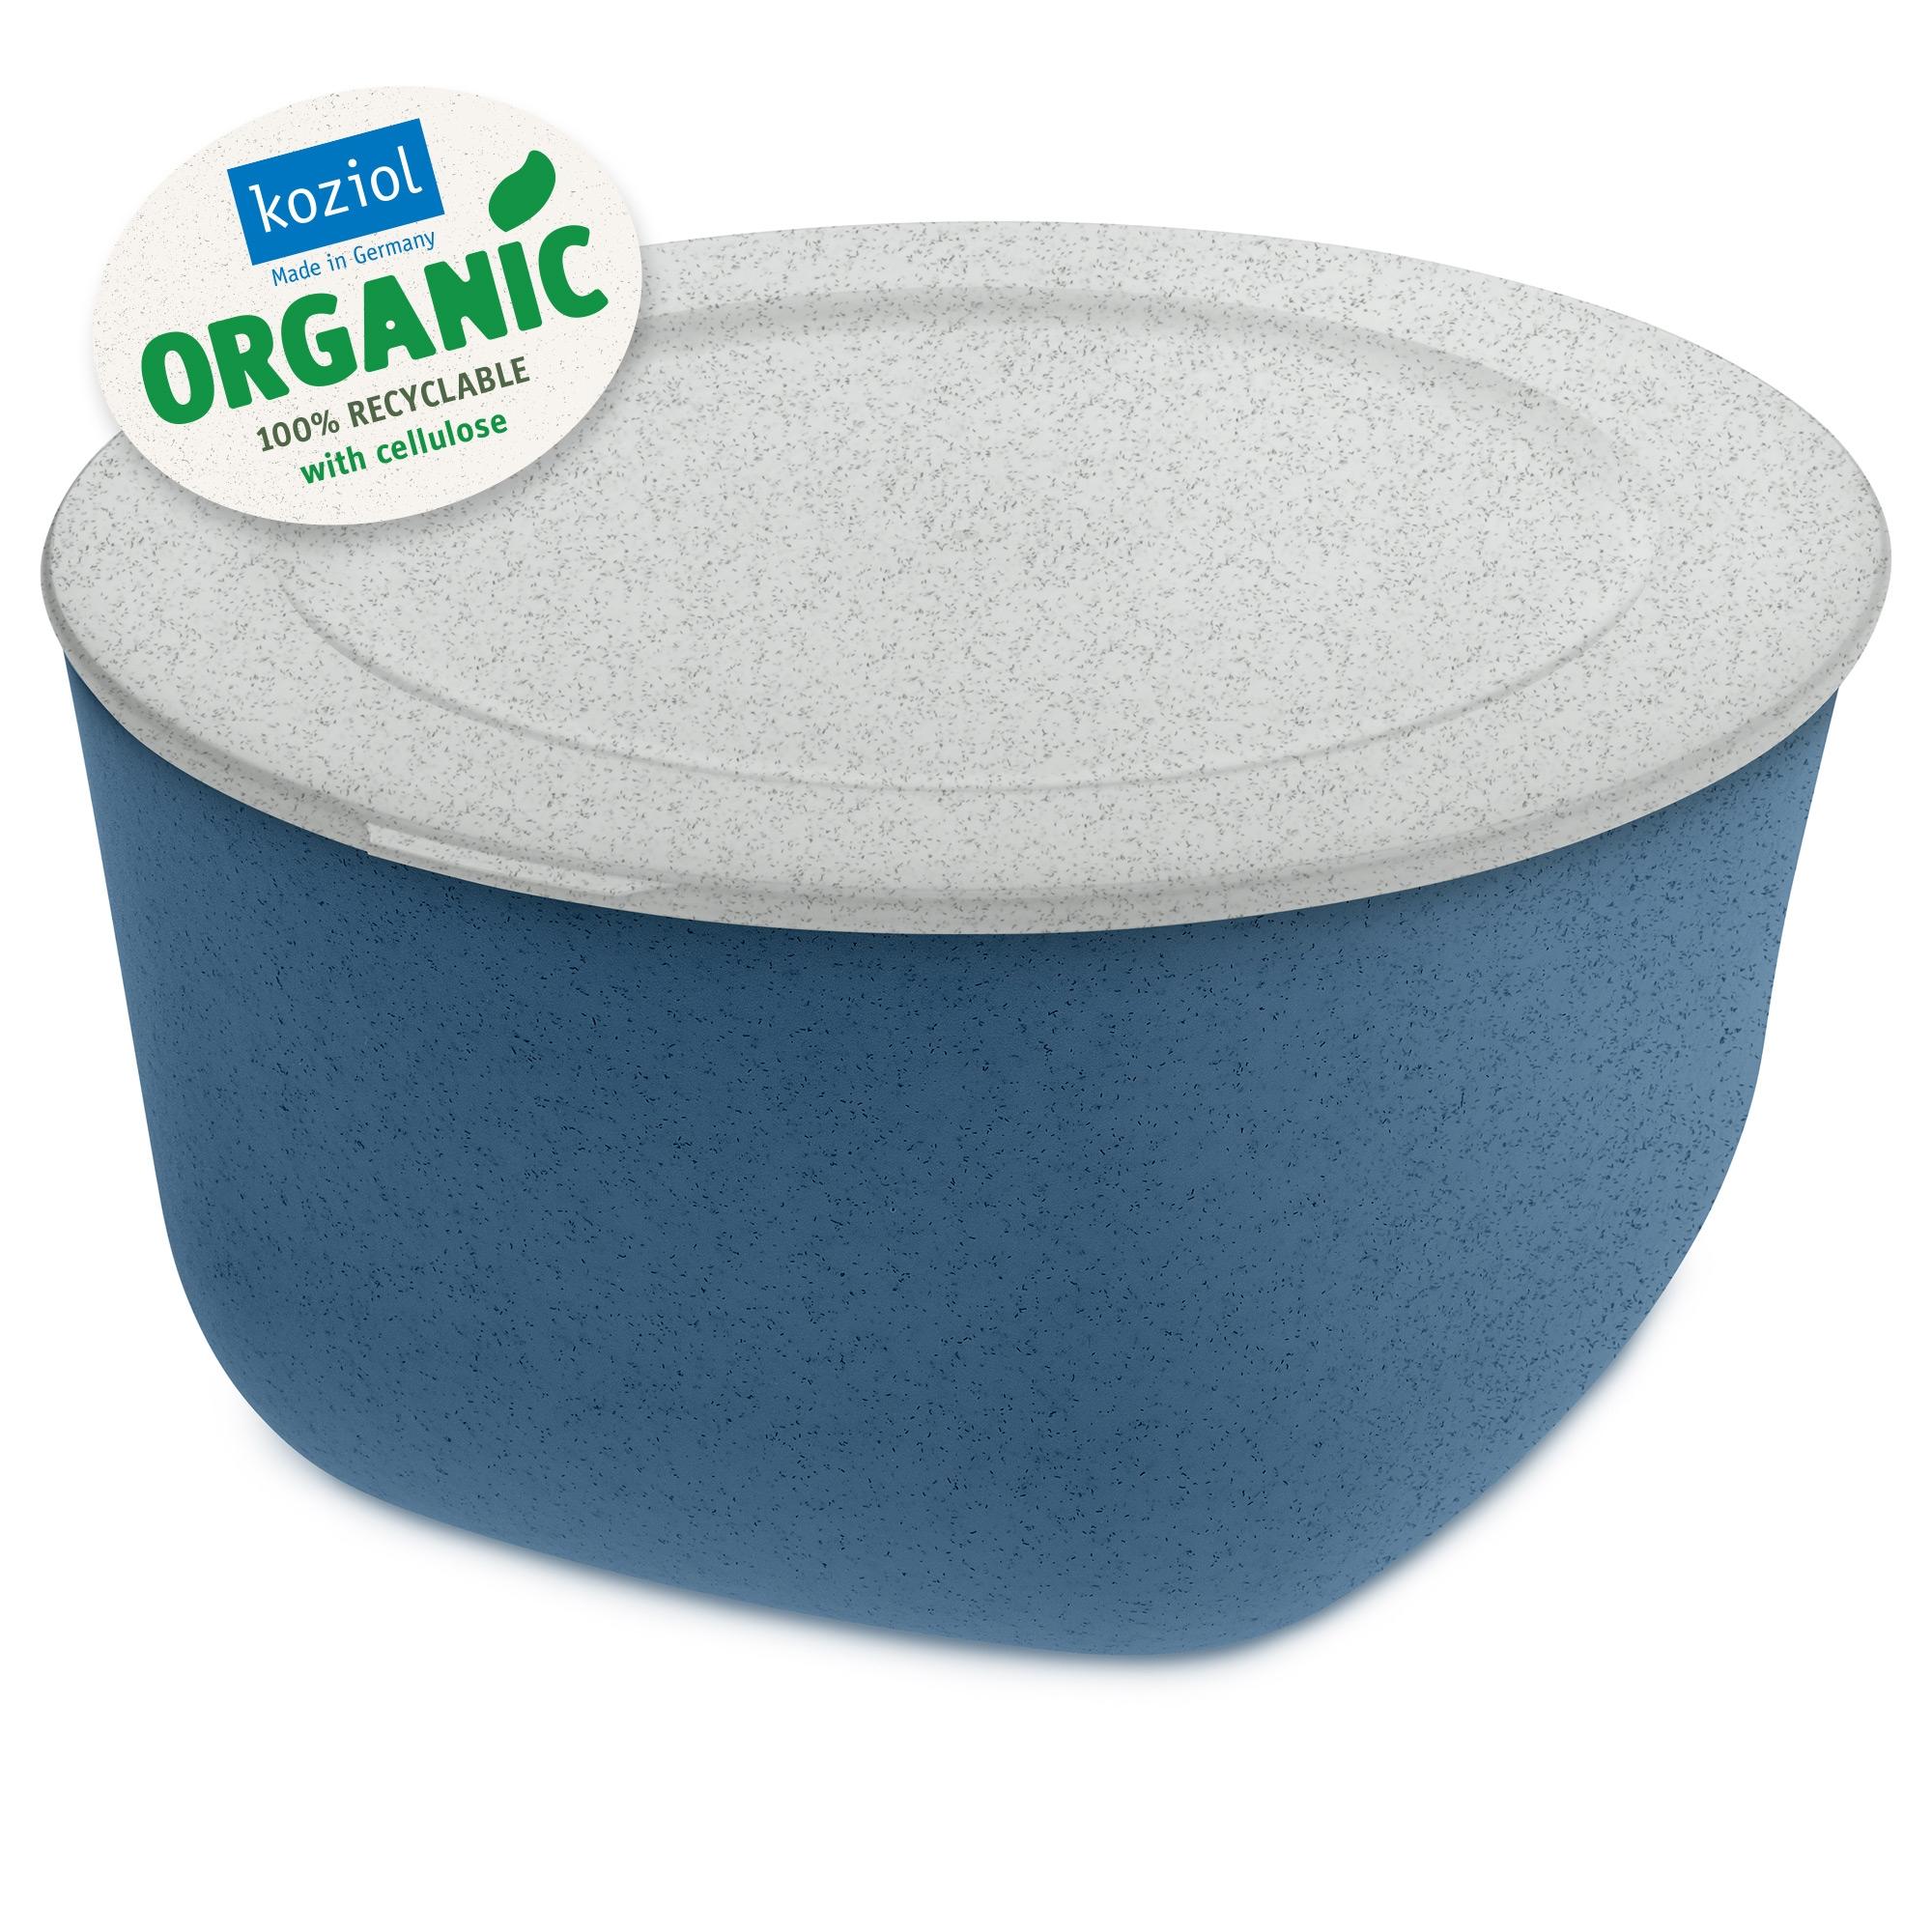 Caserola cu capac, 100% Reciclabil, Connect XL Organic Albastru, 4 L imagine